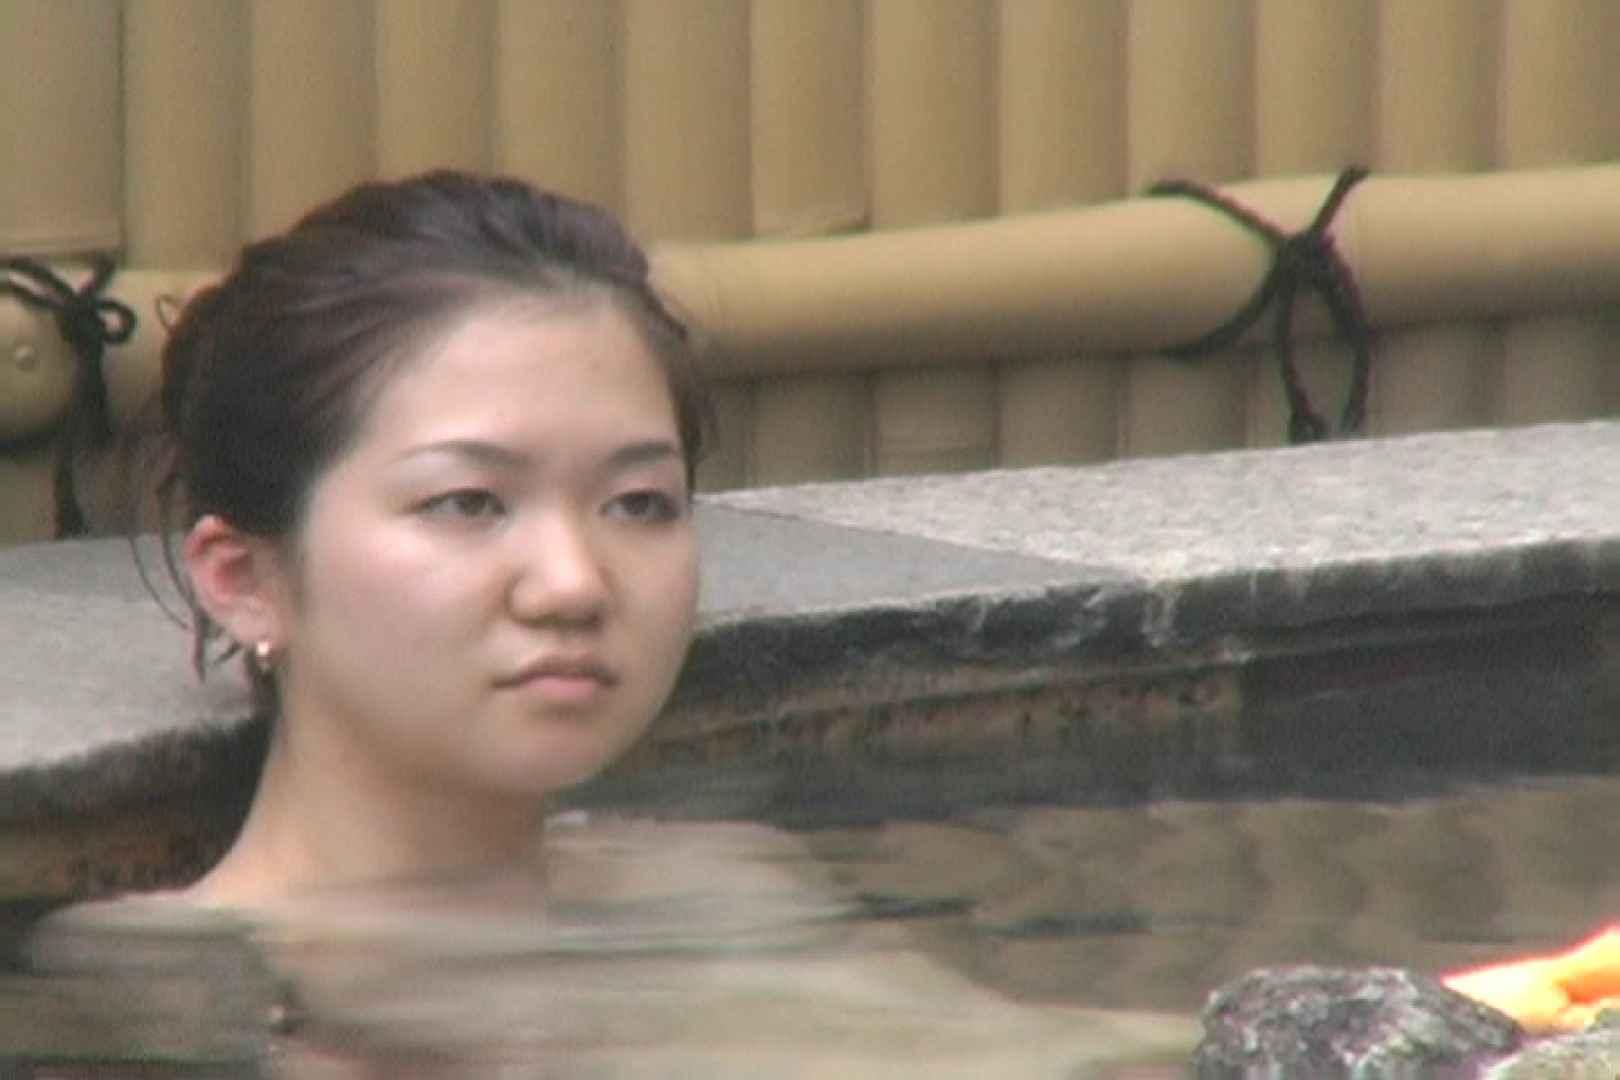 Aquaな露天風呂Vol.641 美しいOLの裸体 隠し撮りオマンコ動画紹介 97pic 35